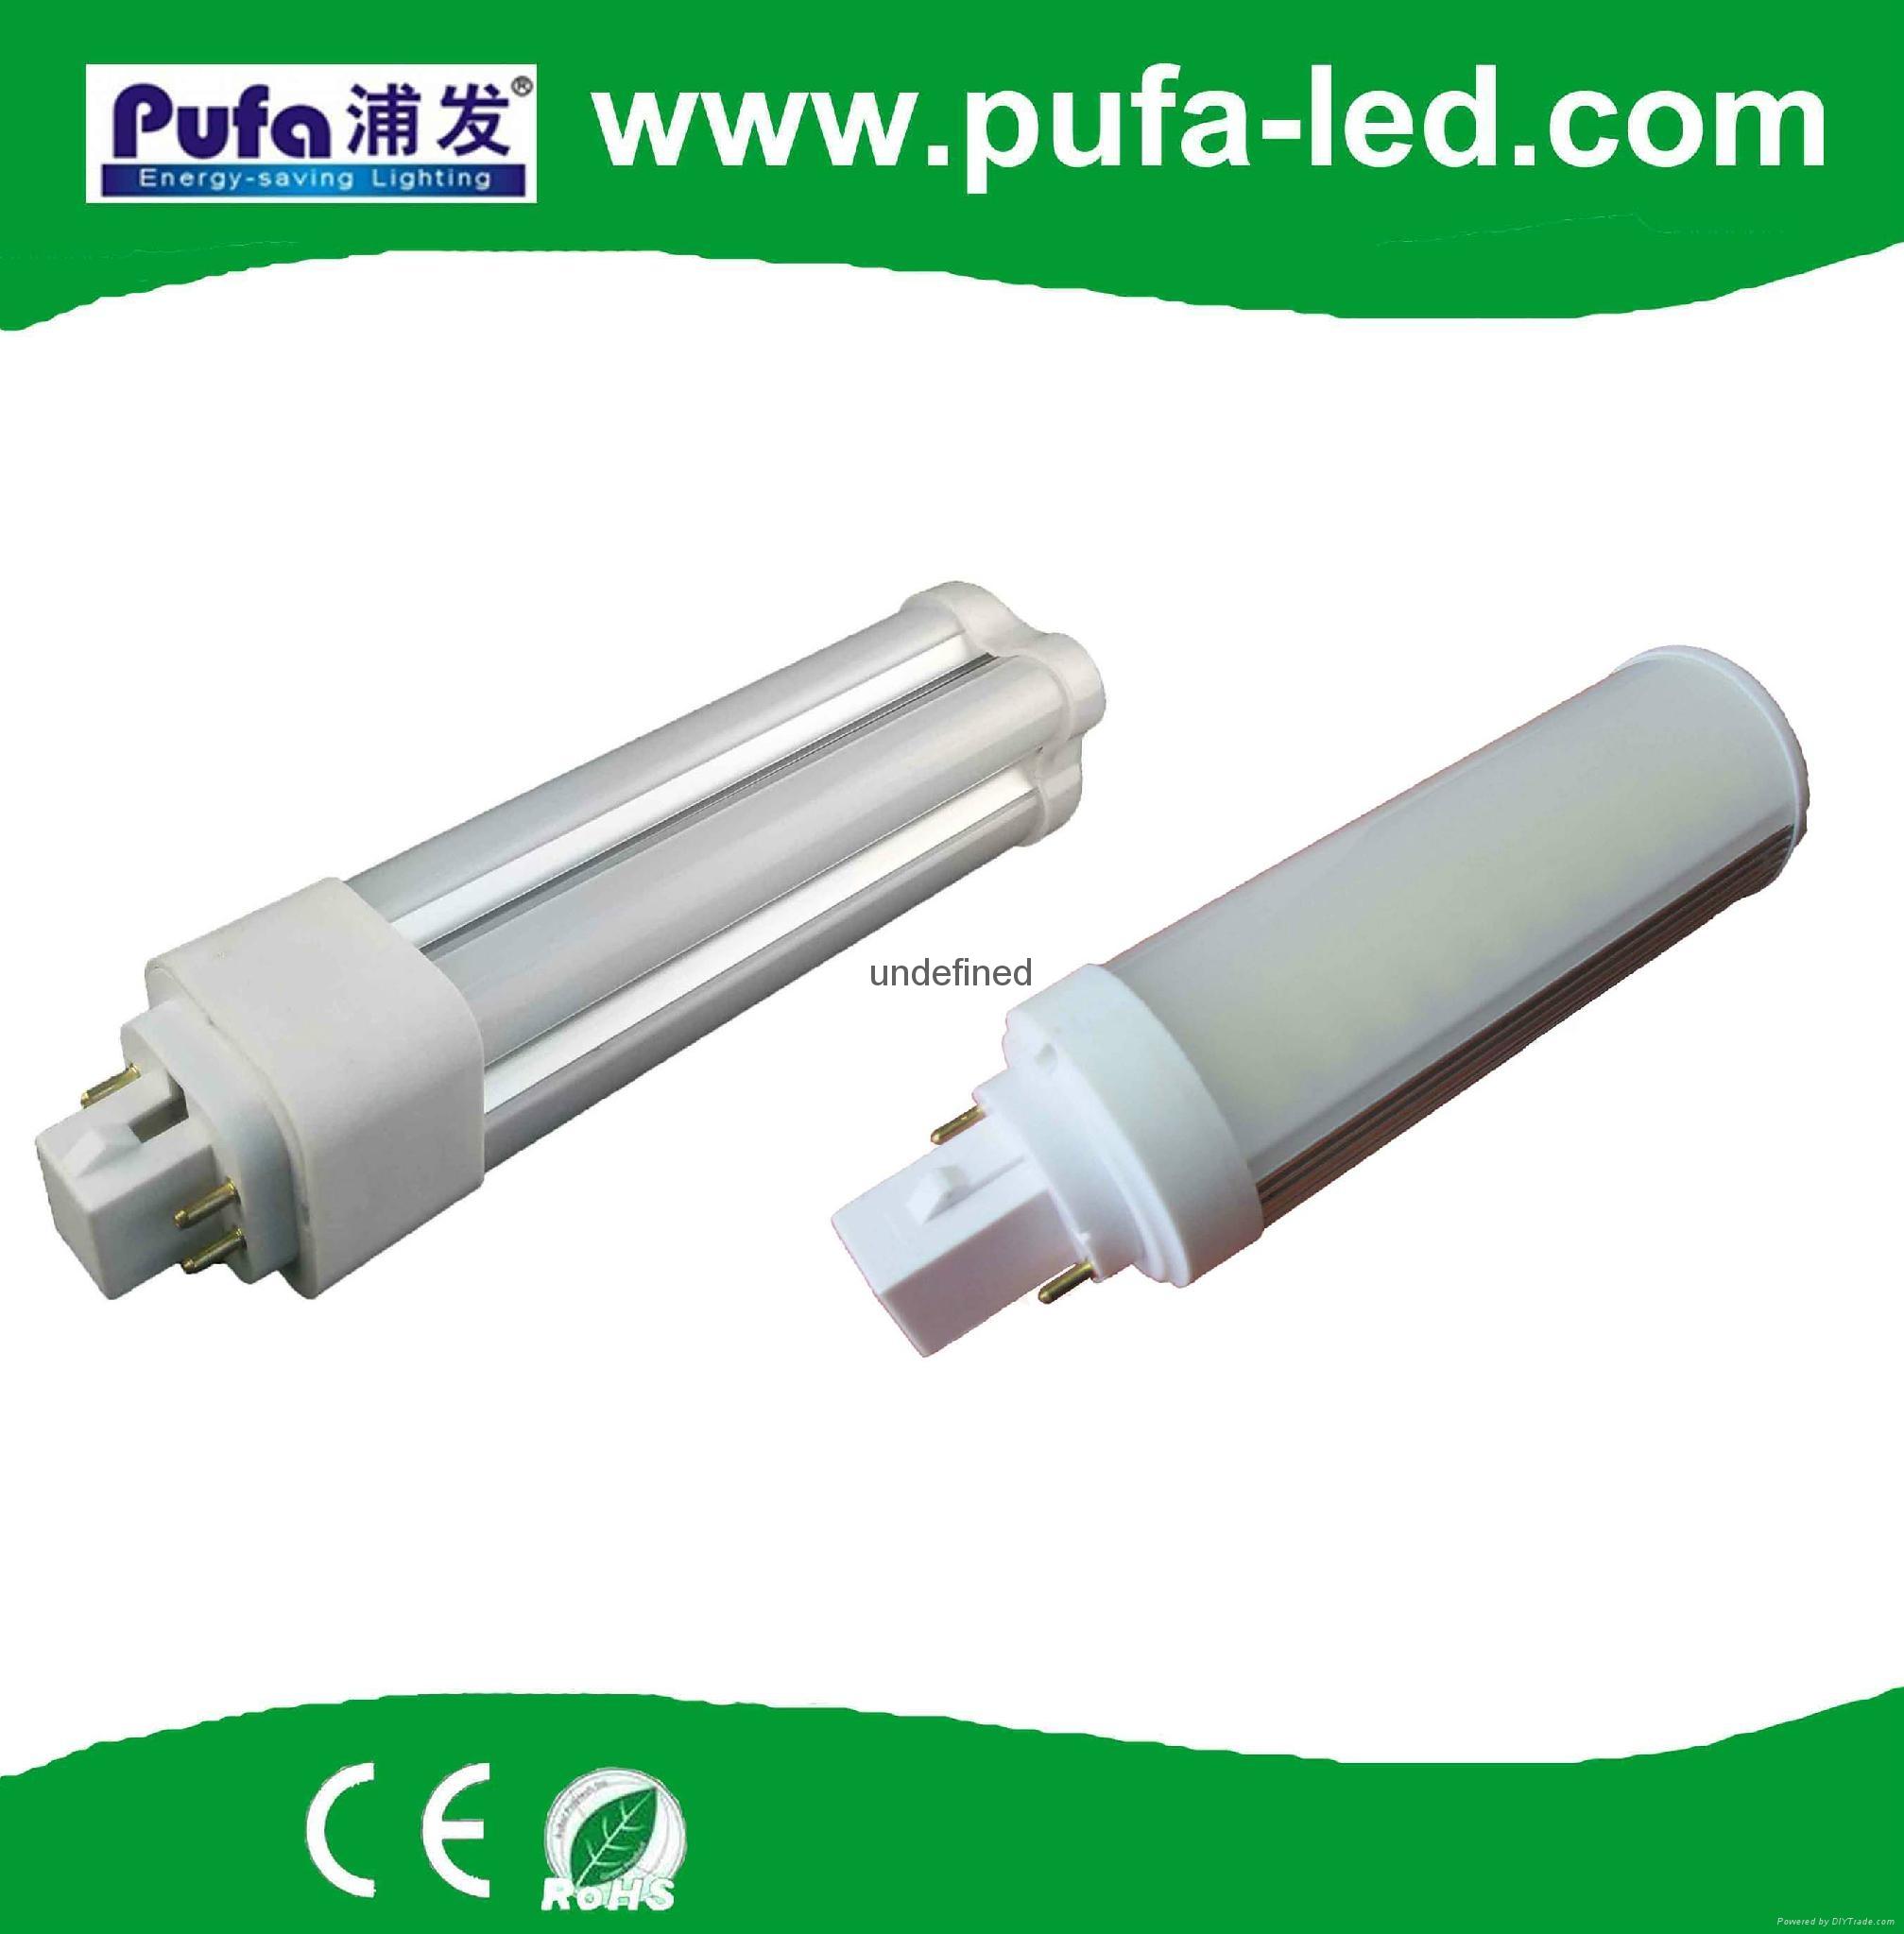 G24 LED 插拔燈7W 2